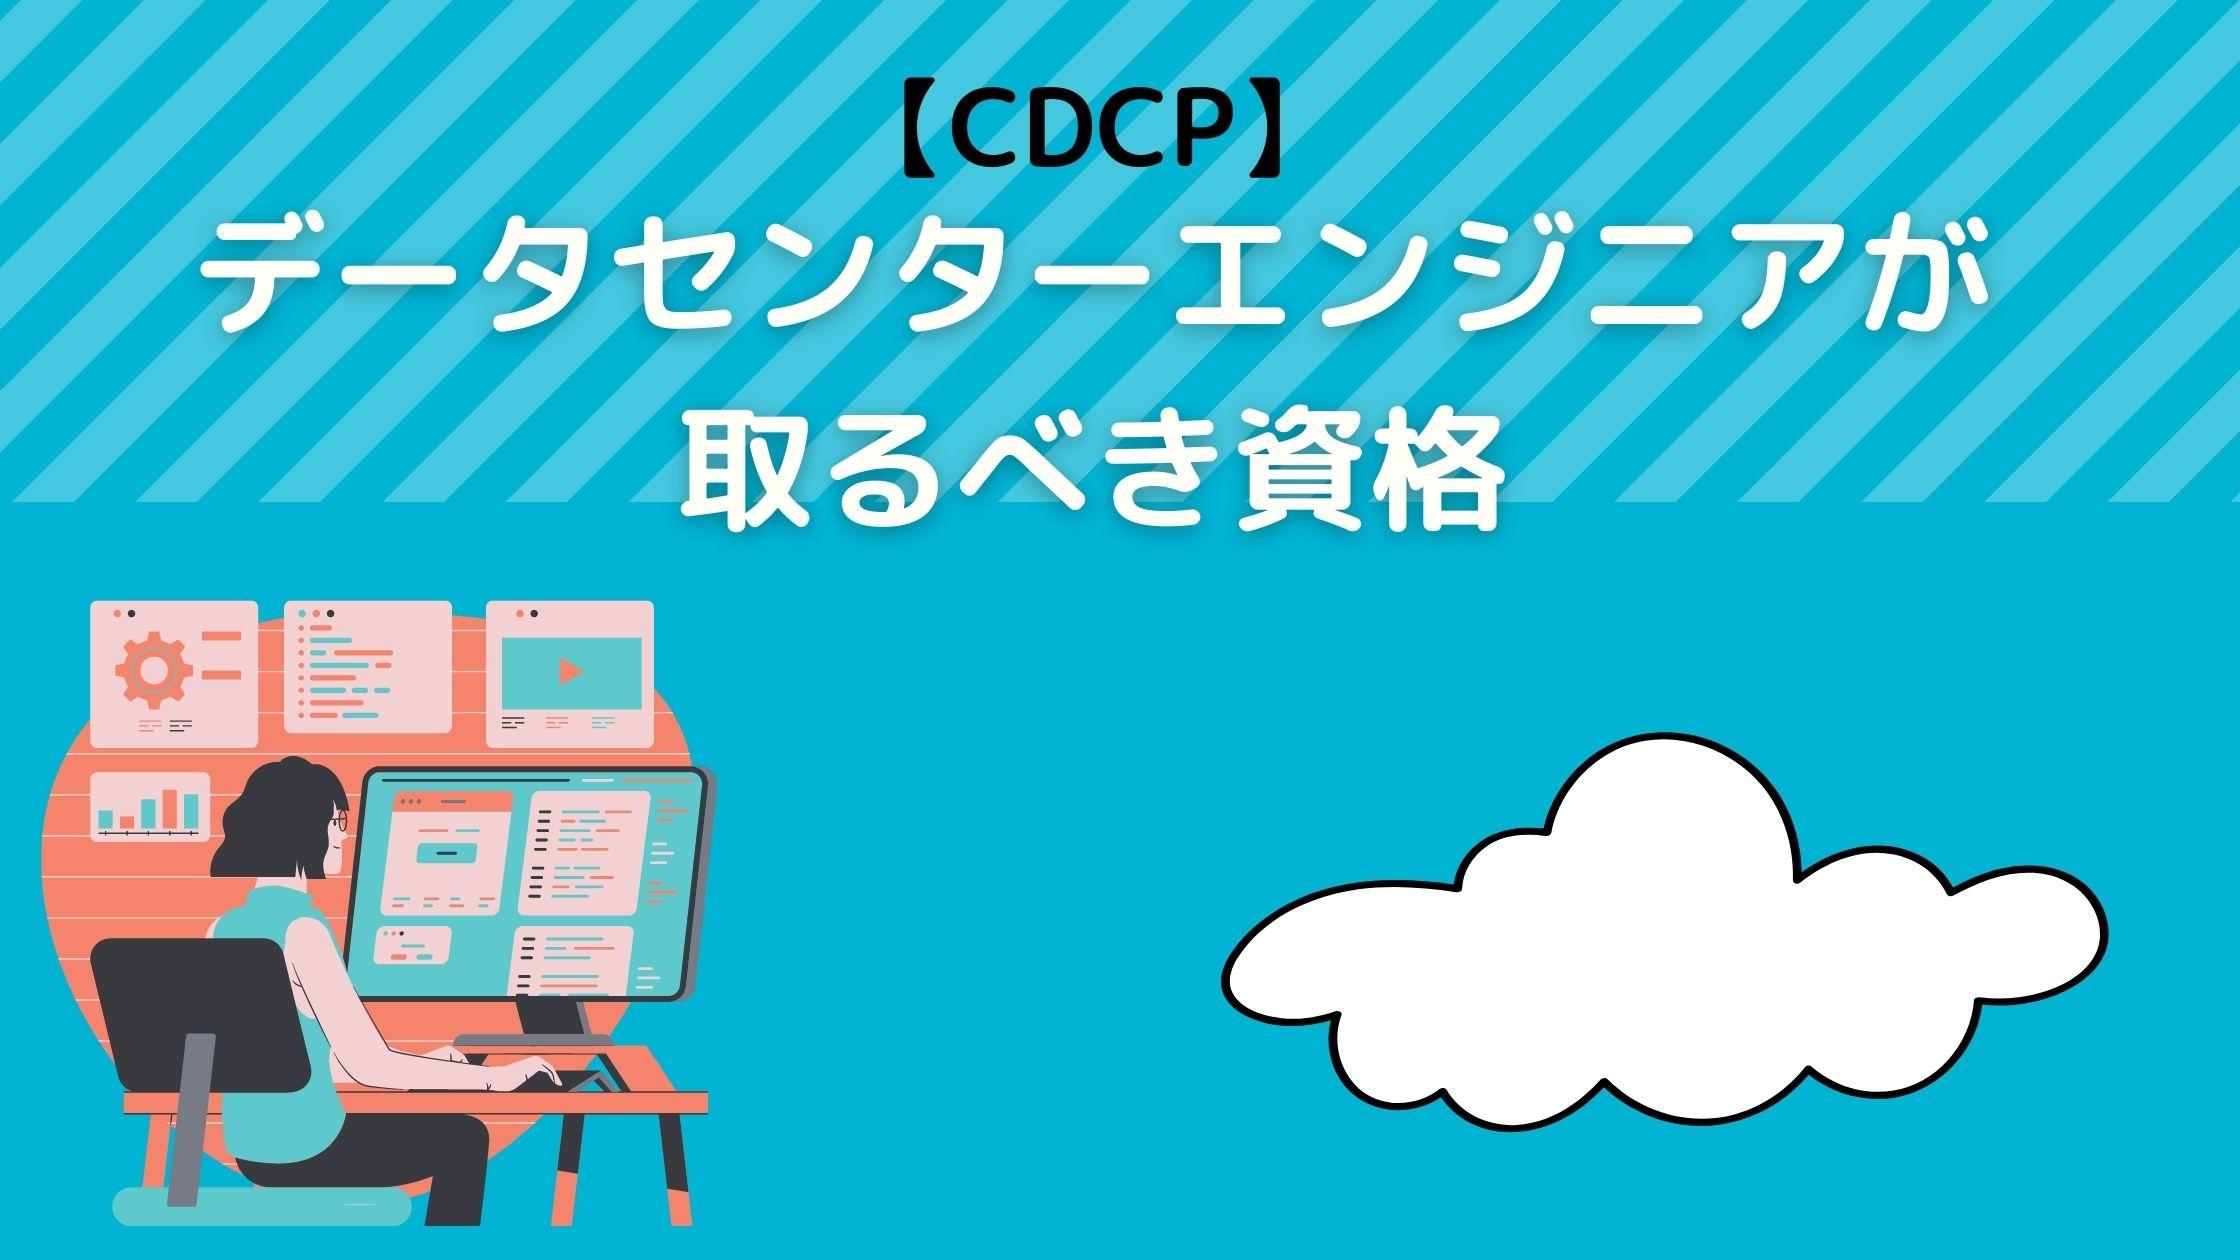 データセンターCDCP